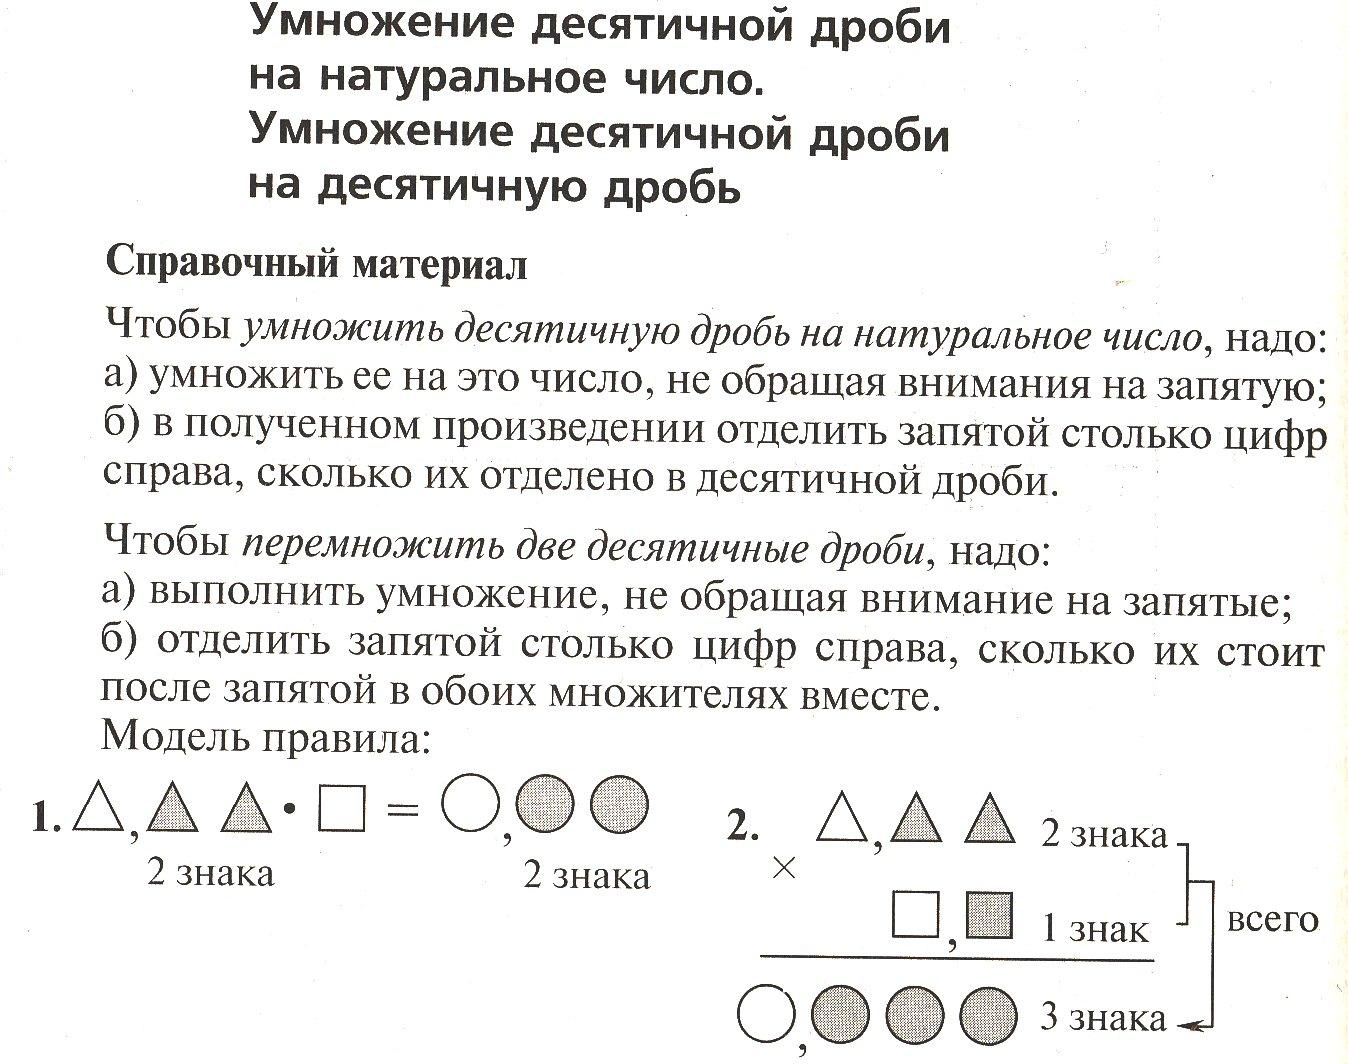 Дидактический материал по математике класс Тема Десятичные дроби  hello html 2744656a jpg